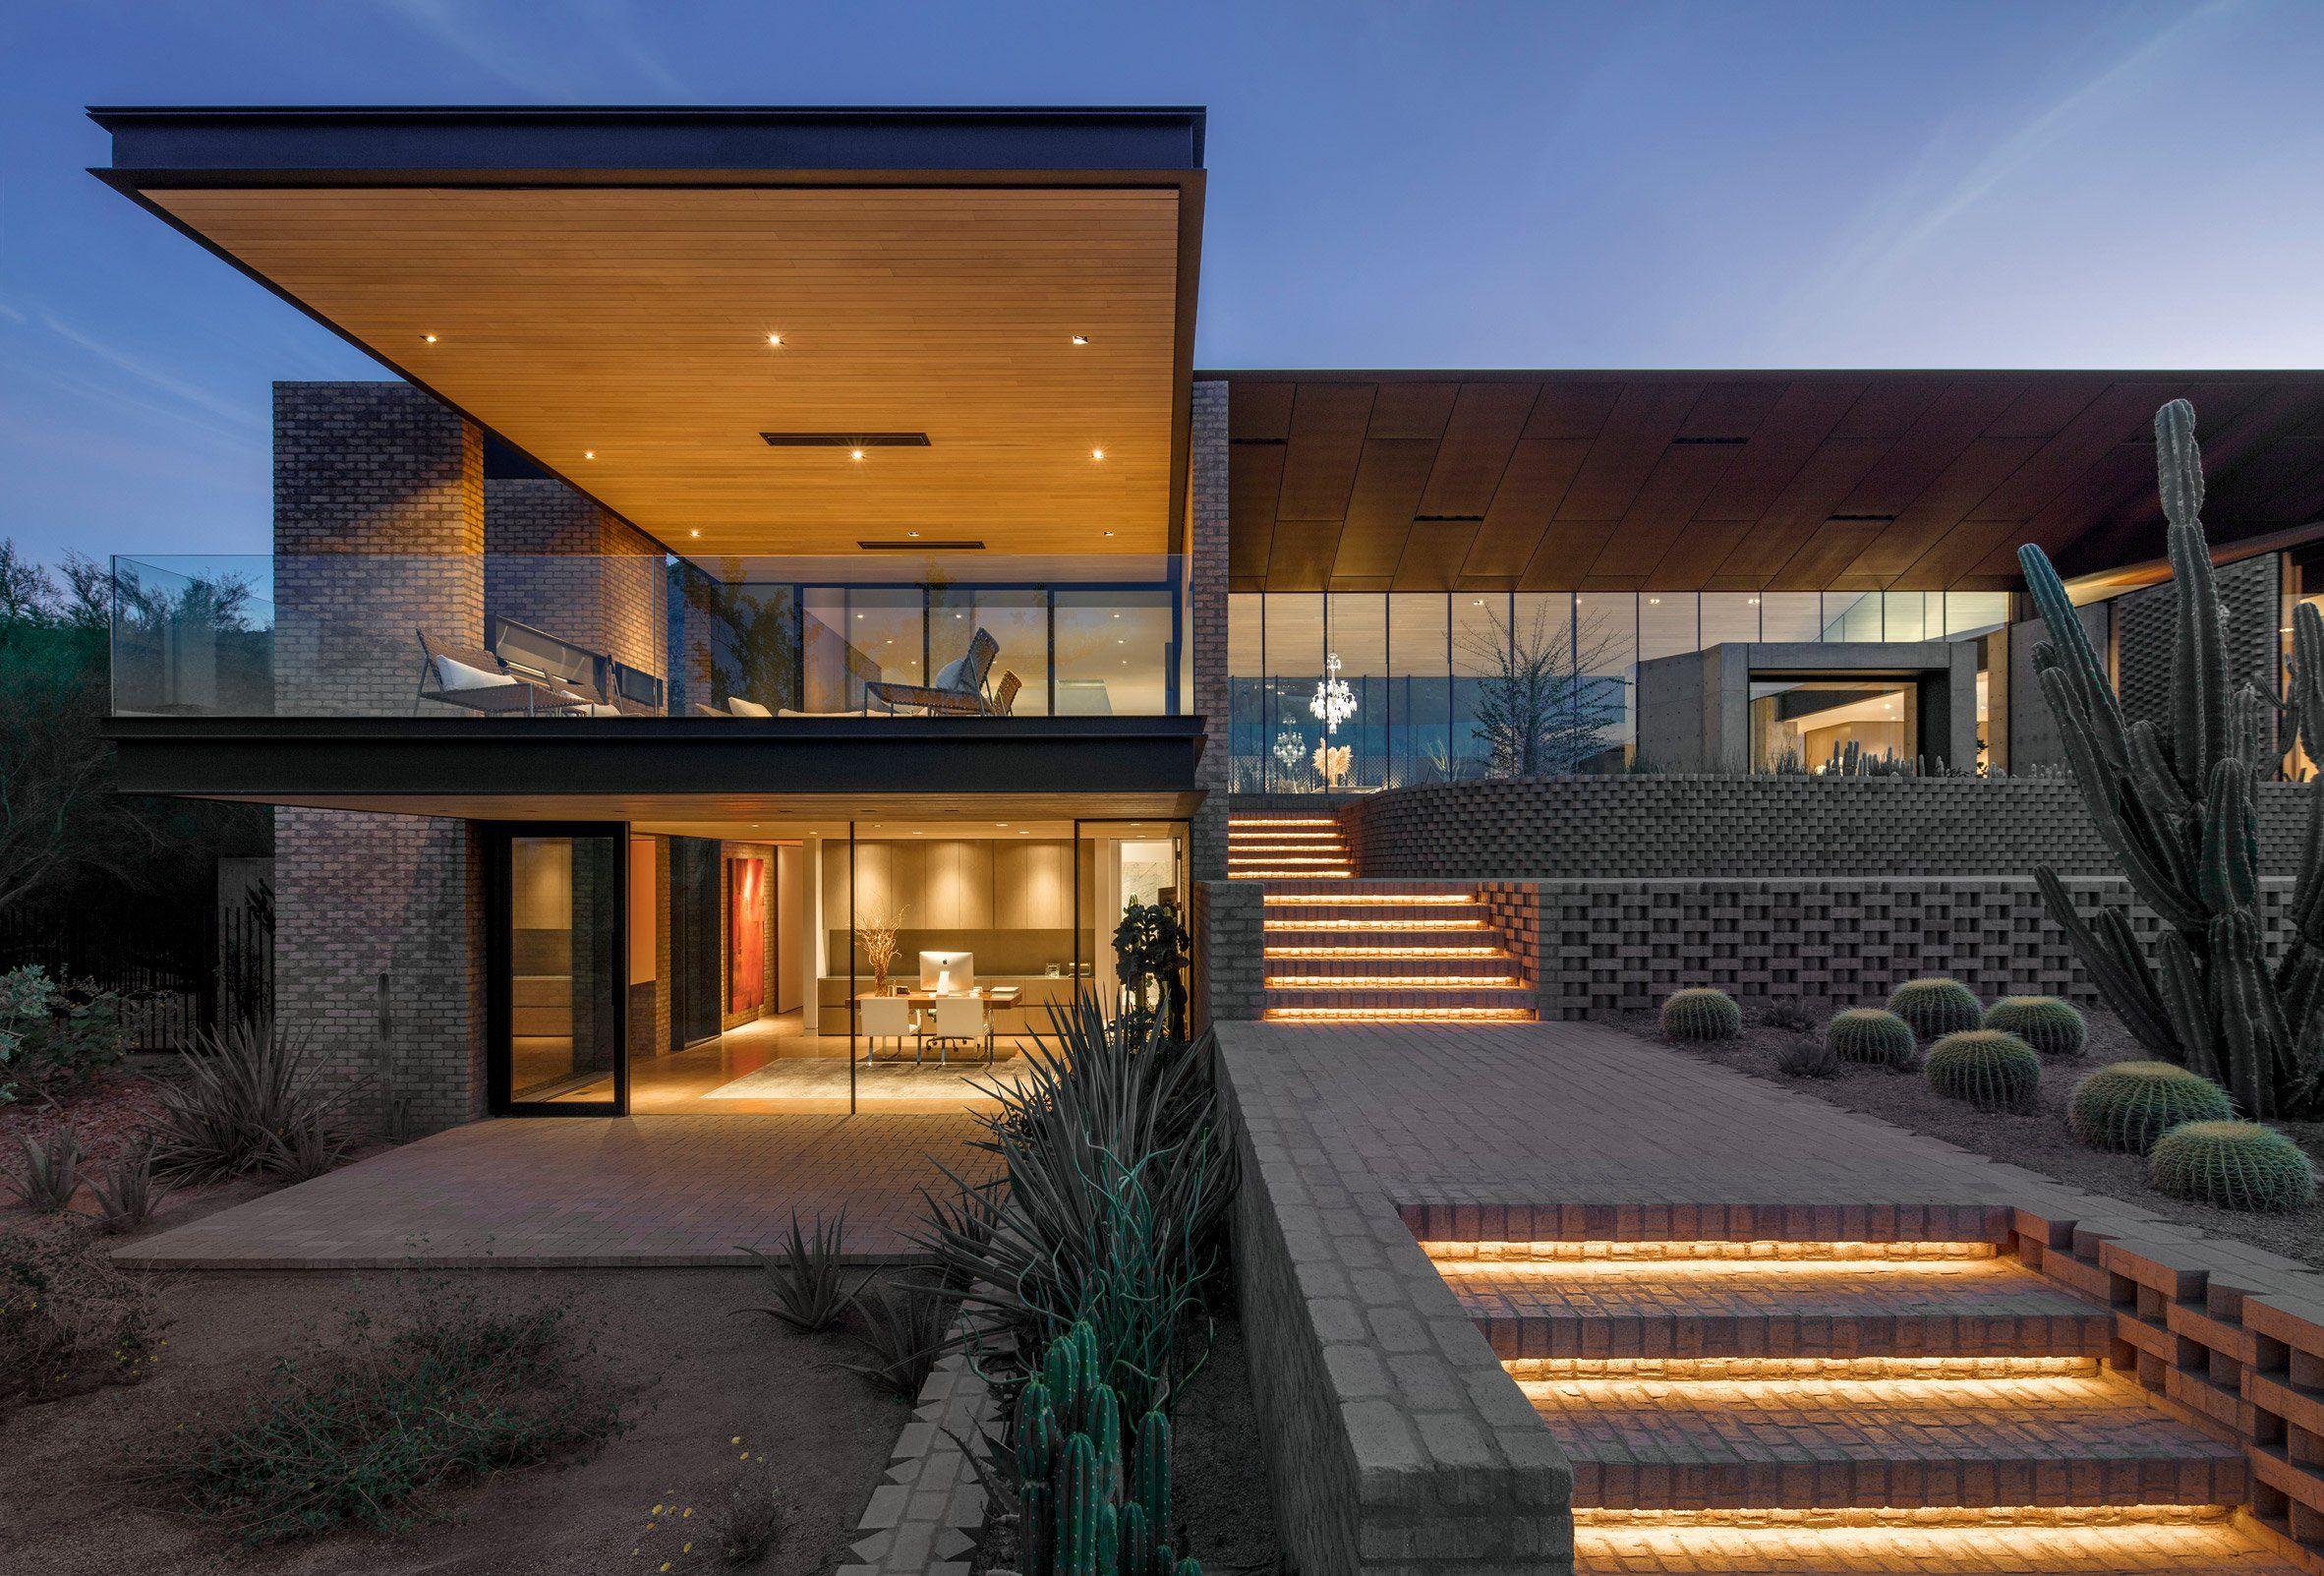 Patterned Brick Walls Define This Arizona Home By A I R Architects Providing Residents With A Varie Zhilaya Arhitektura Sovremennyj Dizajn Doma Vneshnij Vid Doma